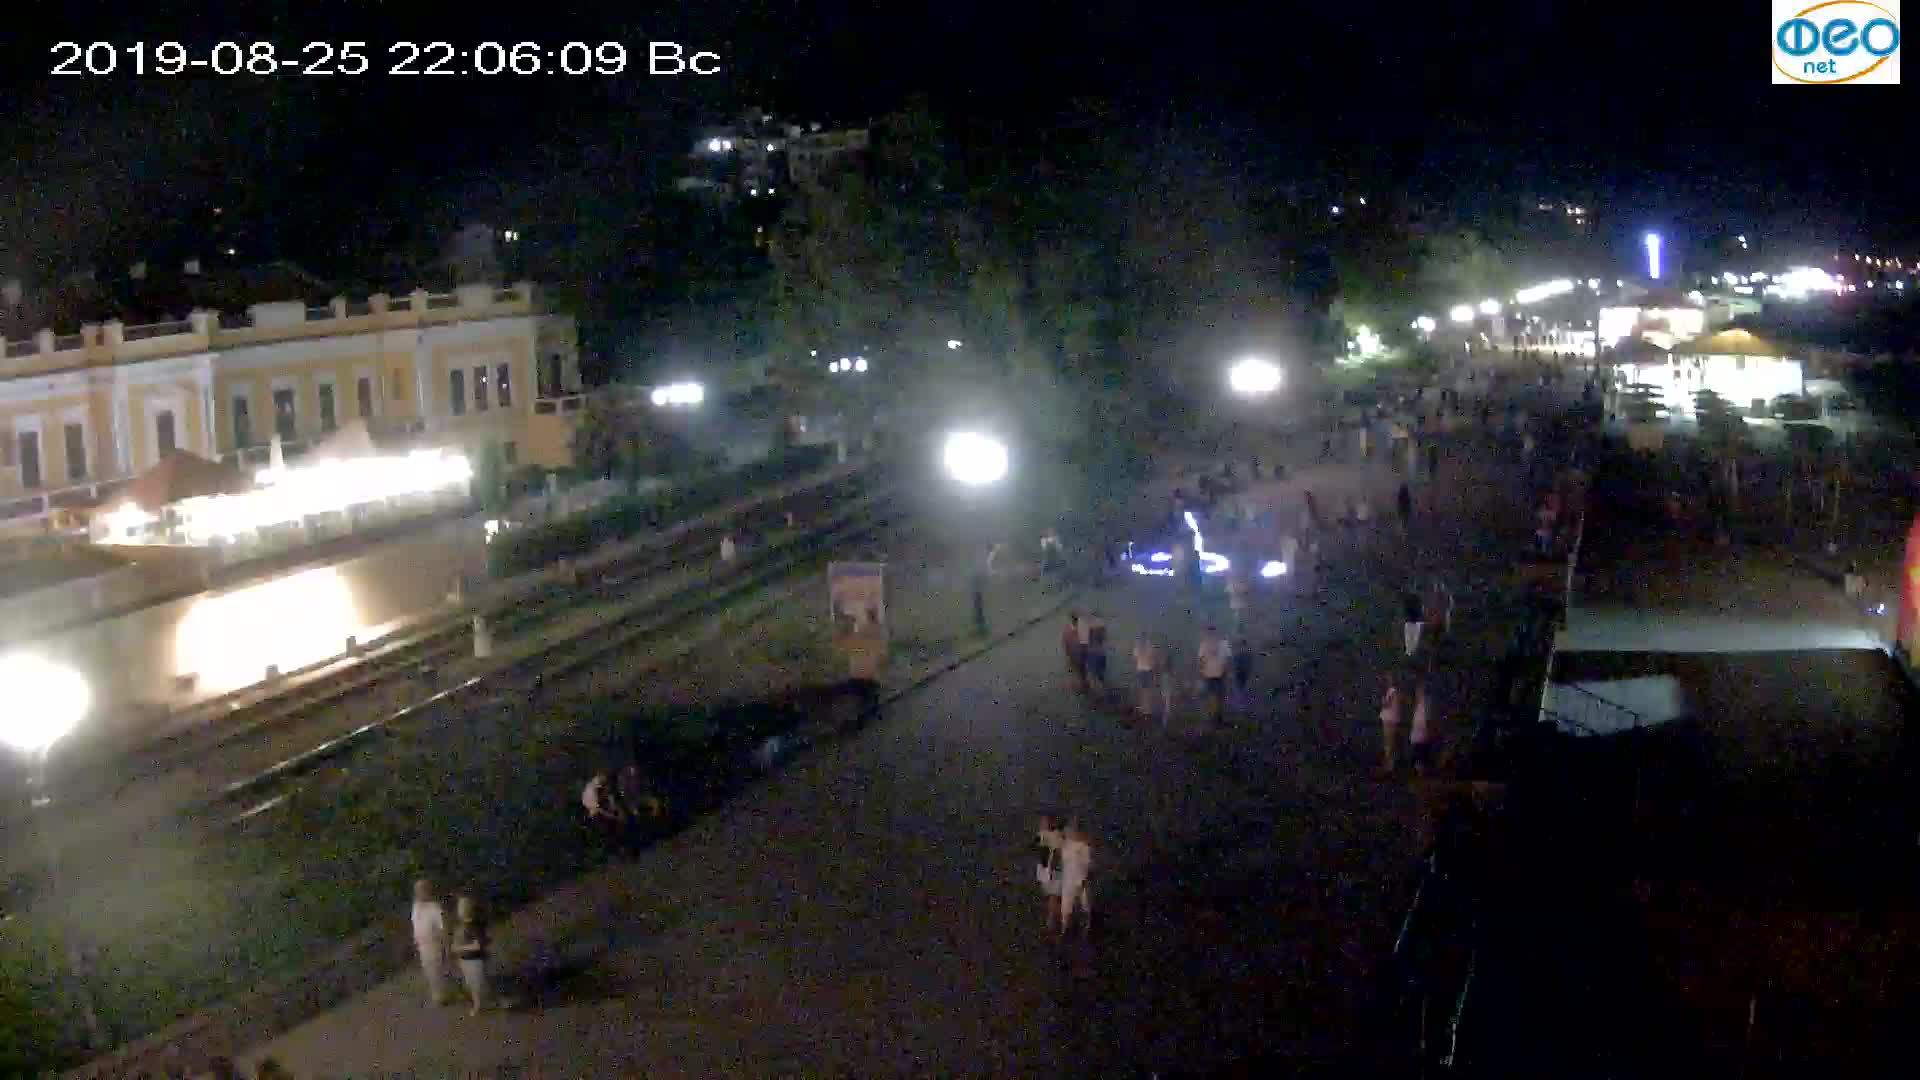 Веб-камеры Феодосии, Набережная, 2019-08-25 22:00:05